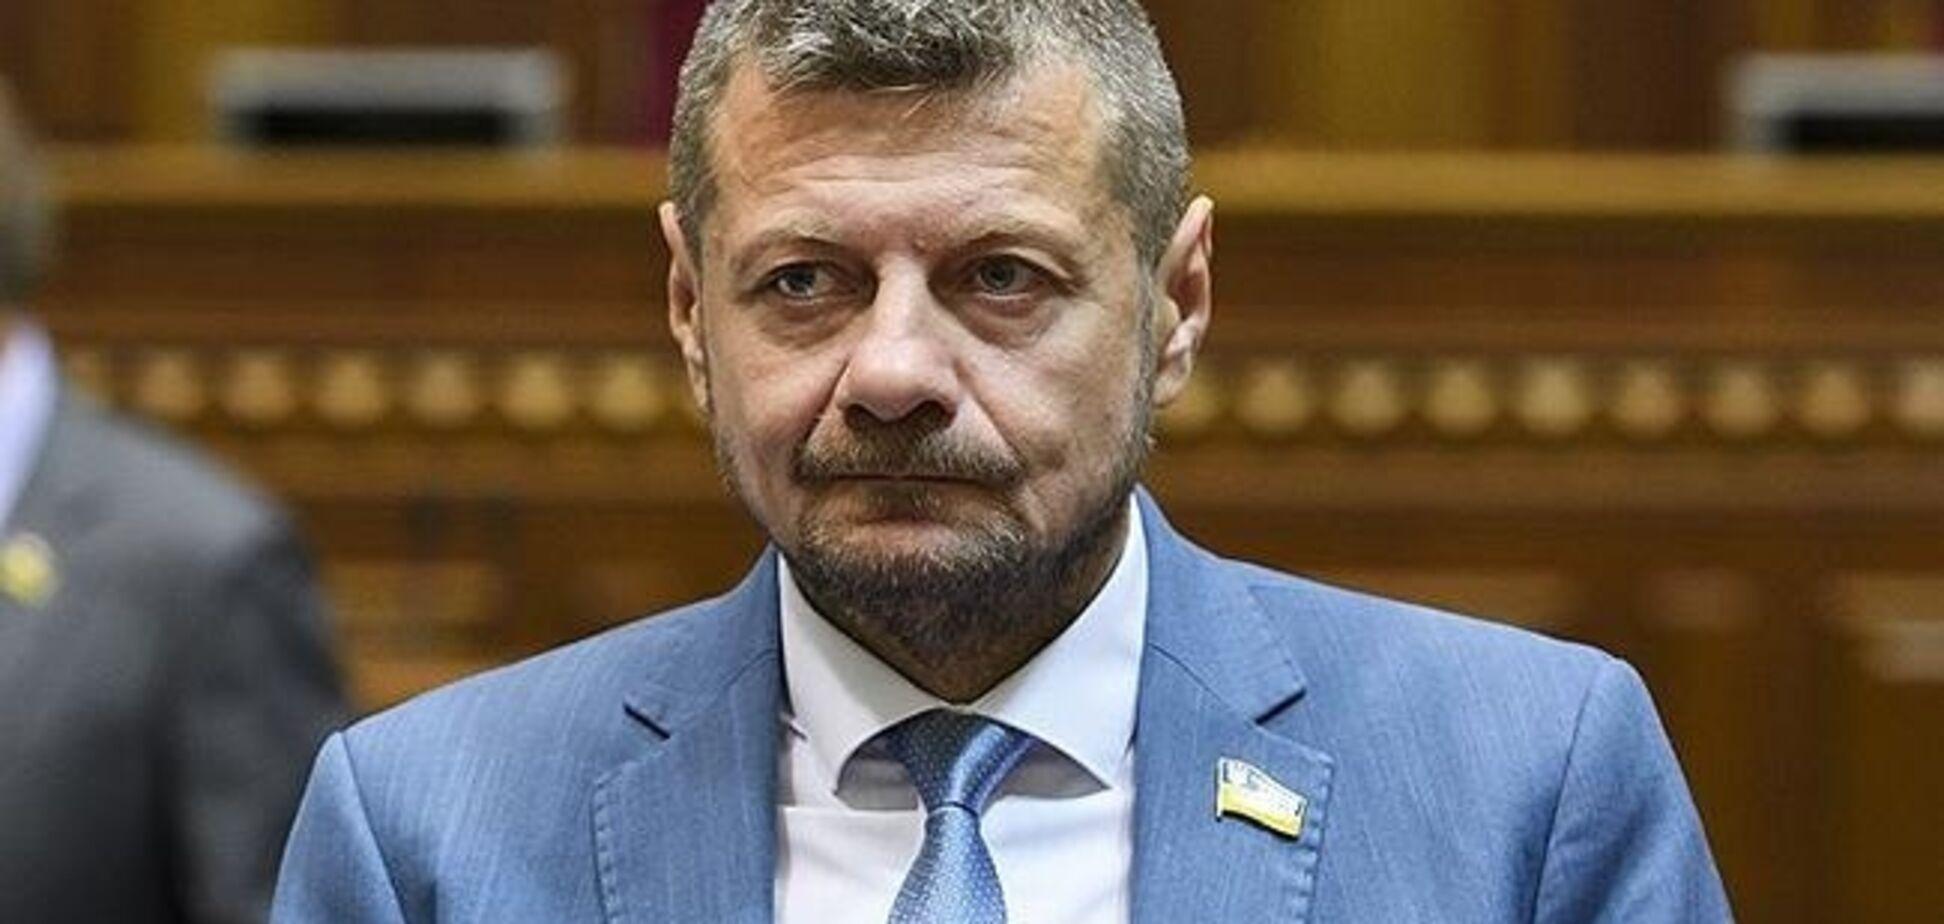 Хто здав Мосійчука кілерам: нардеп РПЛ зробив гучне звинувачення